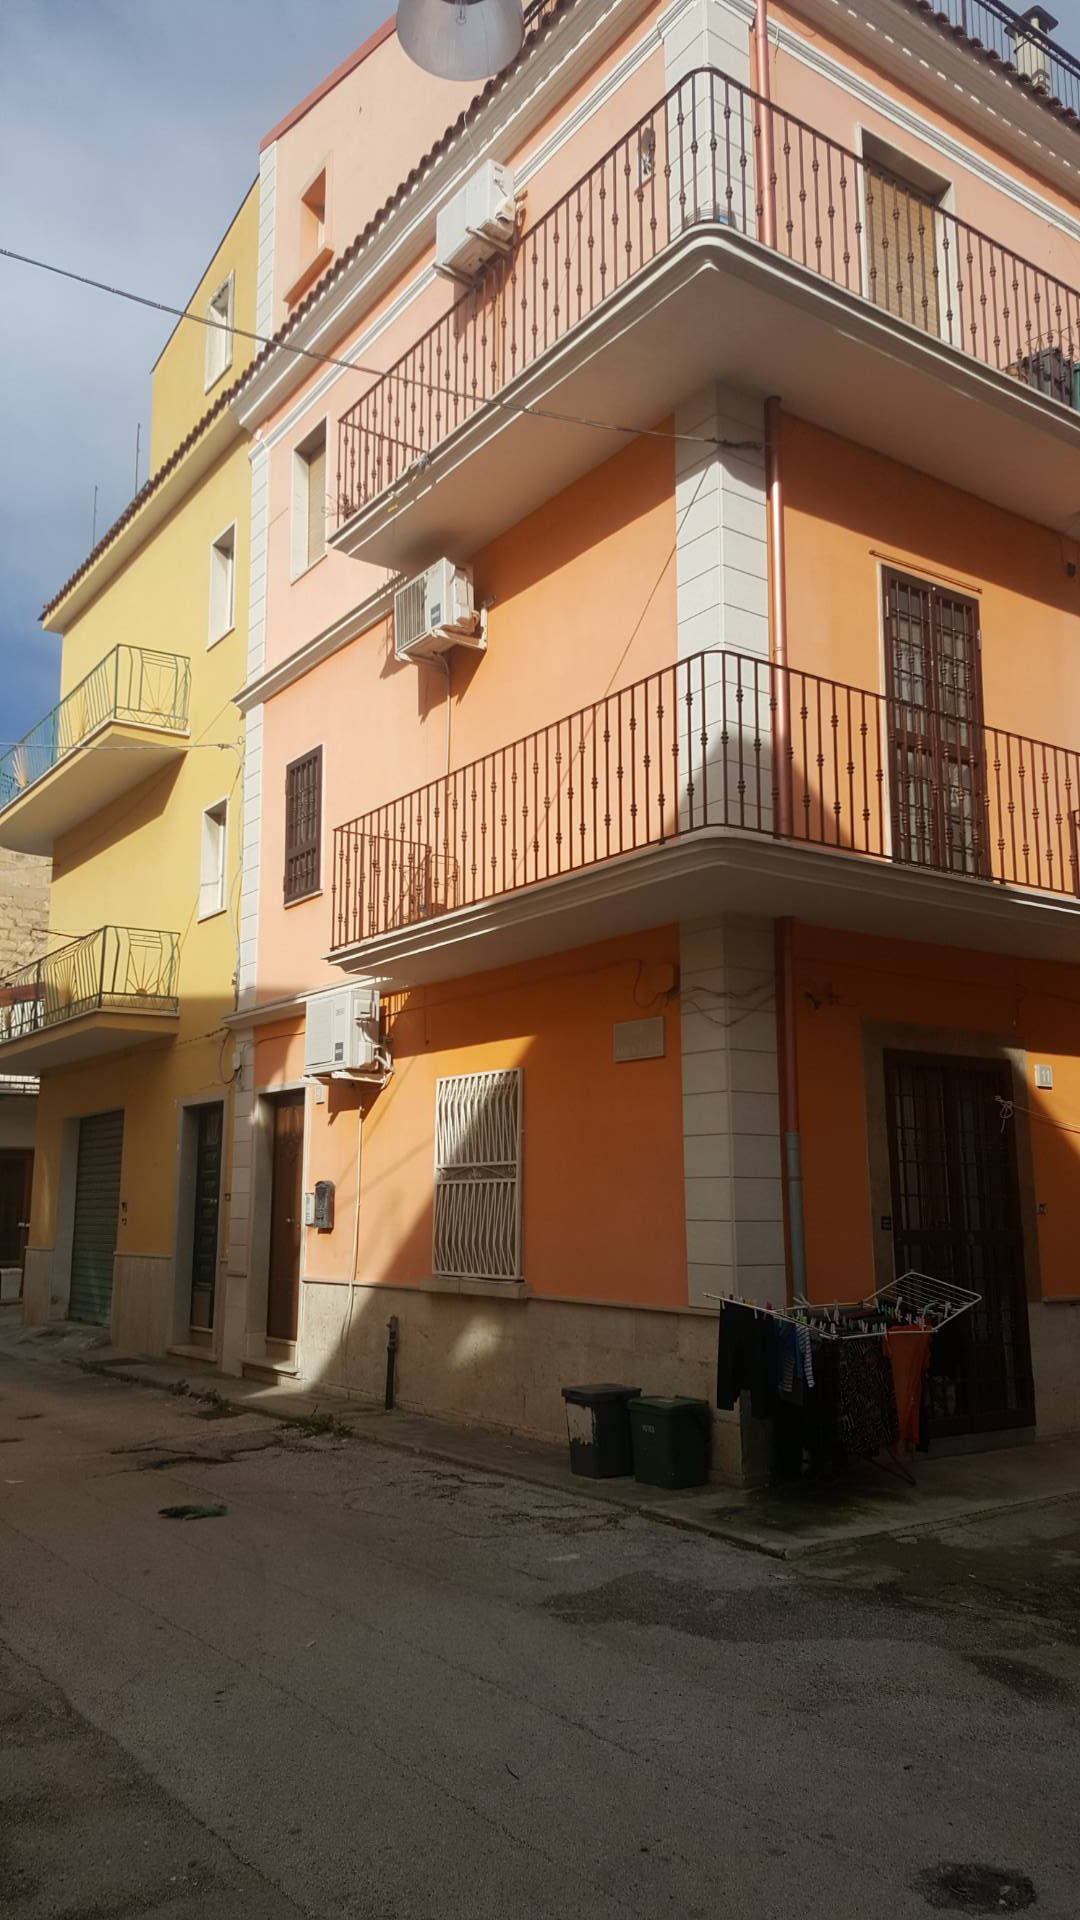 Appartamento in vendita a San Nicandro Garganico, 5 locali, zona Località: STAZIONE, prezzo € 58.000   CambioCasa.it